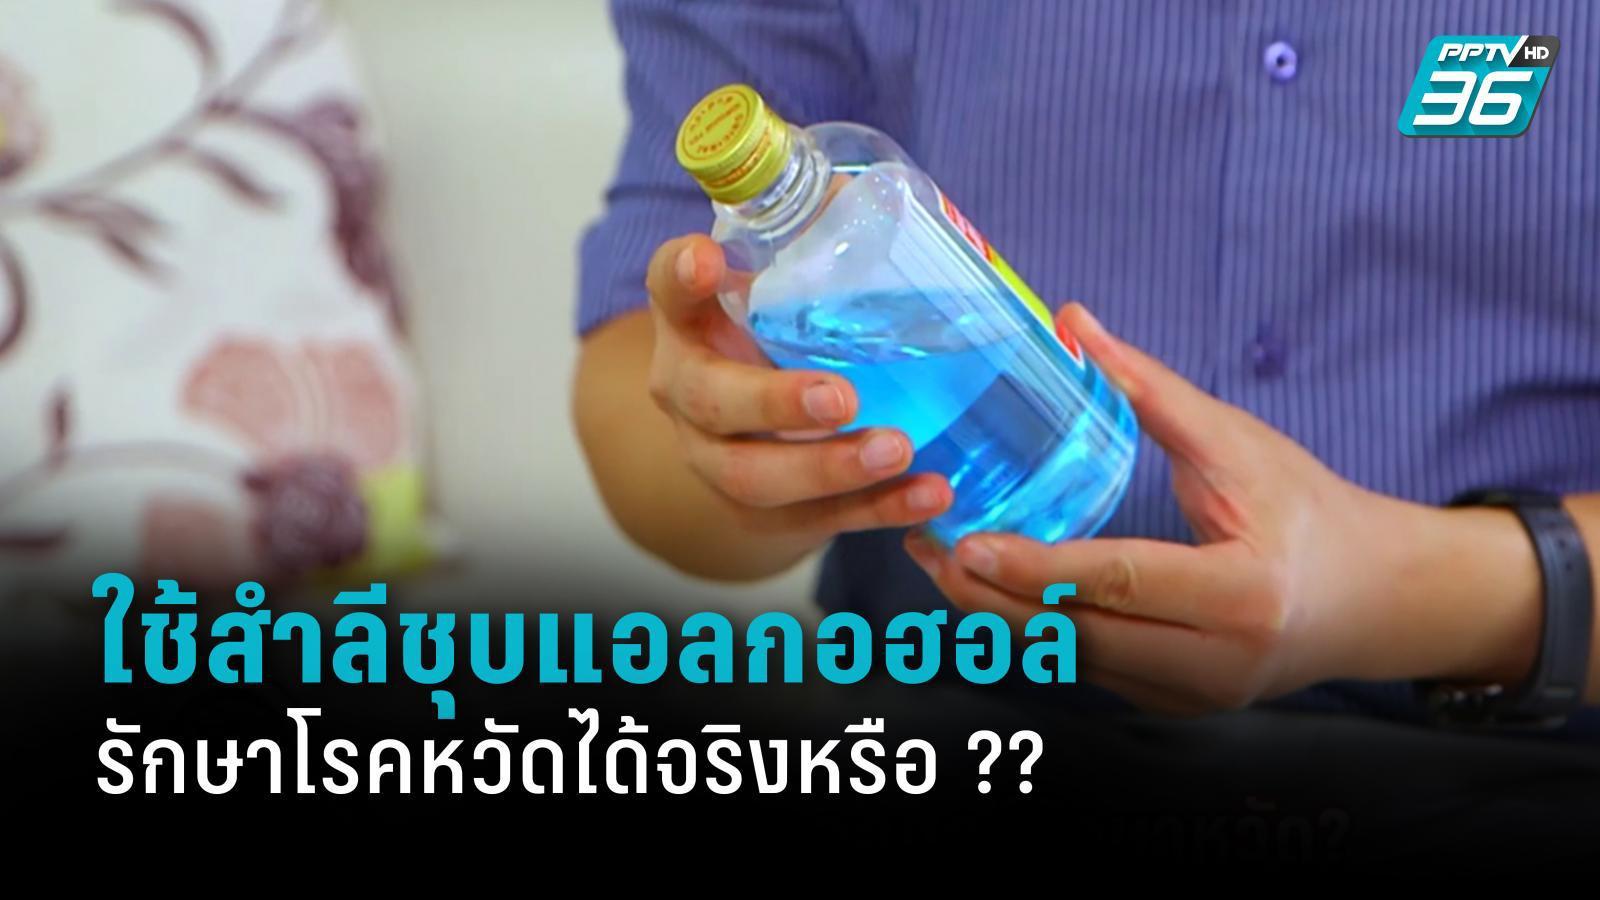 ใช้สำลีชุบแอลกอฮอล์ รักษาโรคหวัดได้จริงหรือ ??